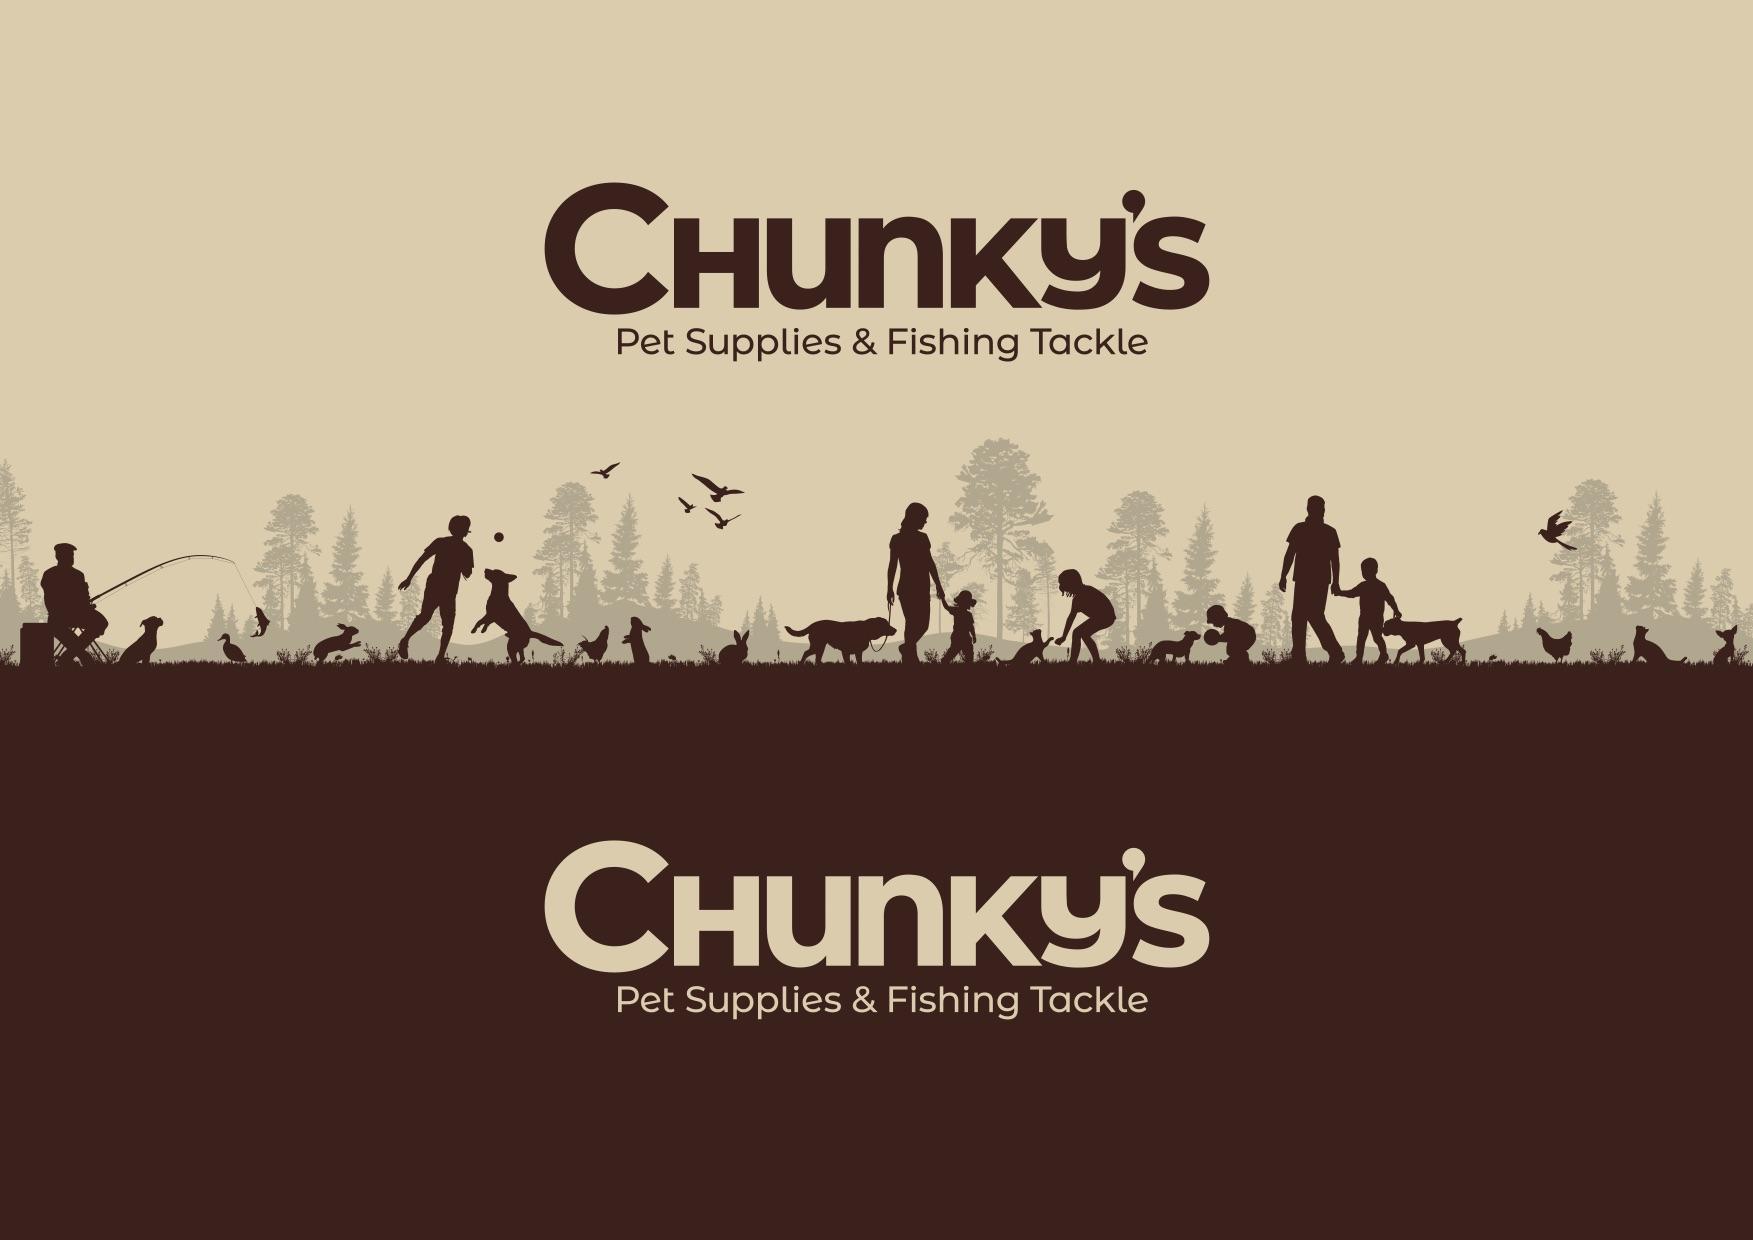 CHUNKY'S BRAND